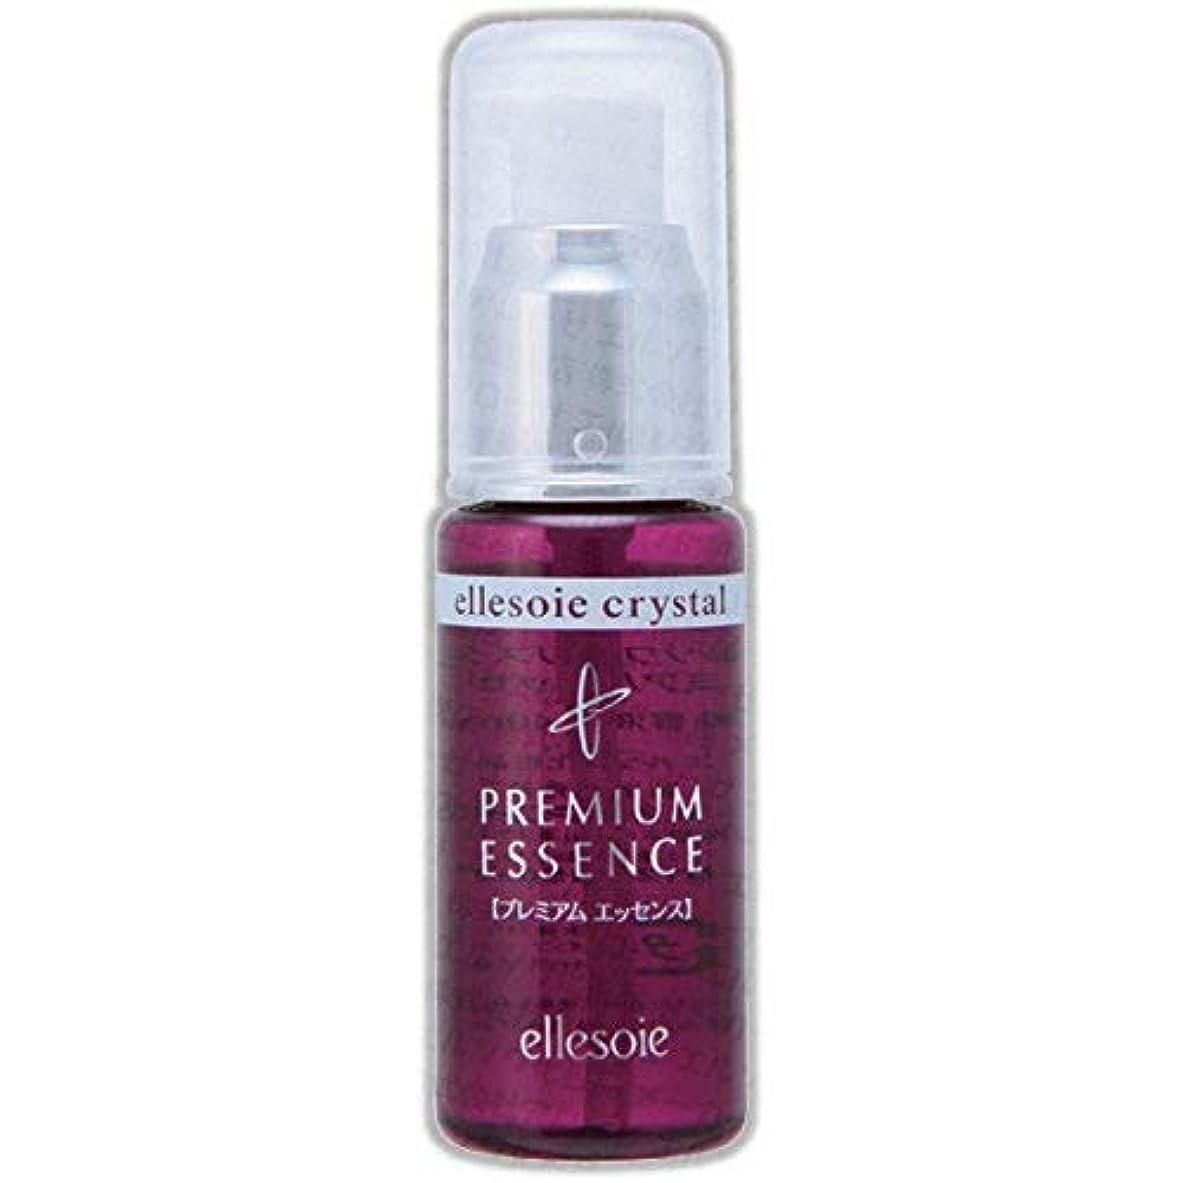 驚くばかりランチ実現可能エルソワ化粧品(ellesoie) クリスタル プレミアムエッセンス 美容液